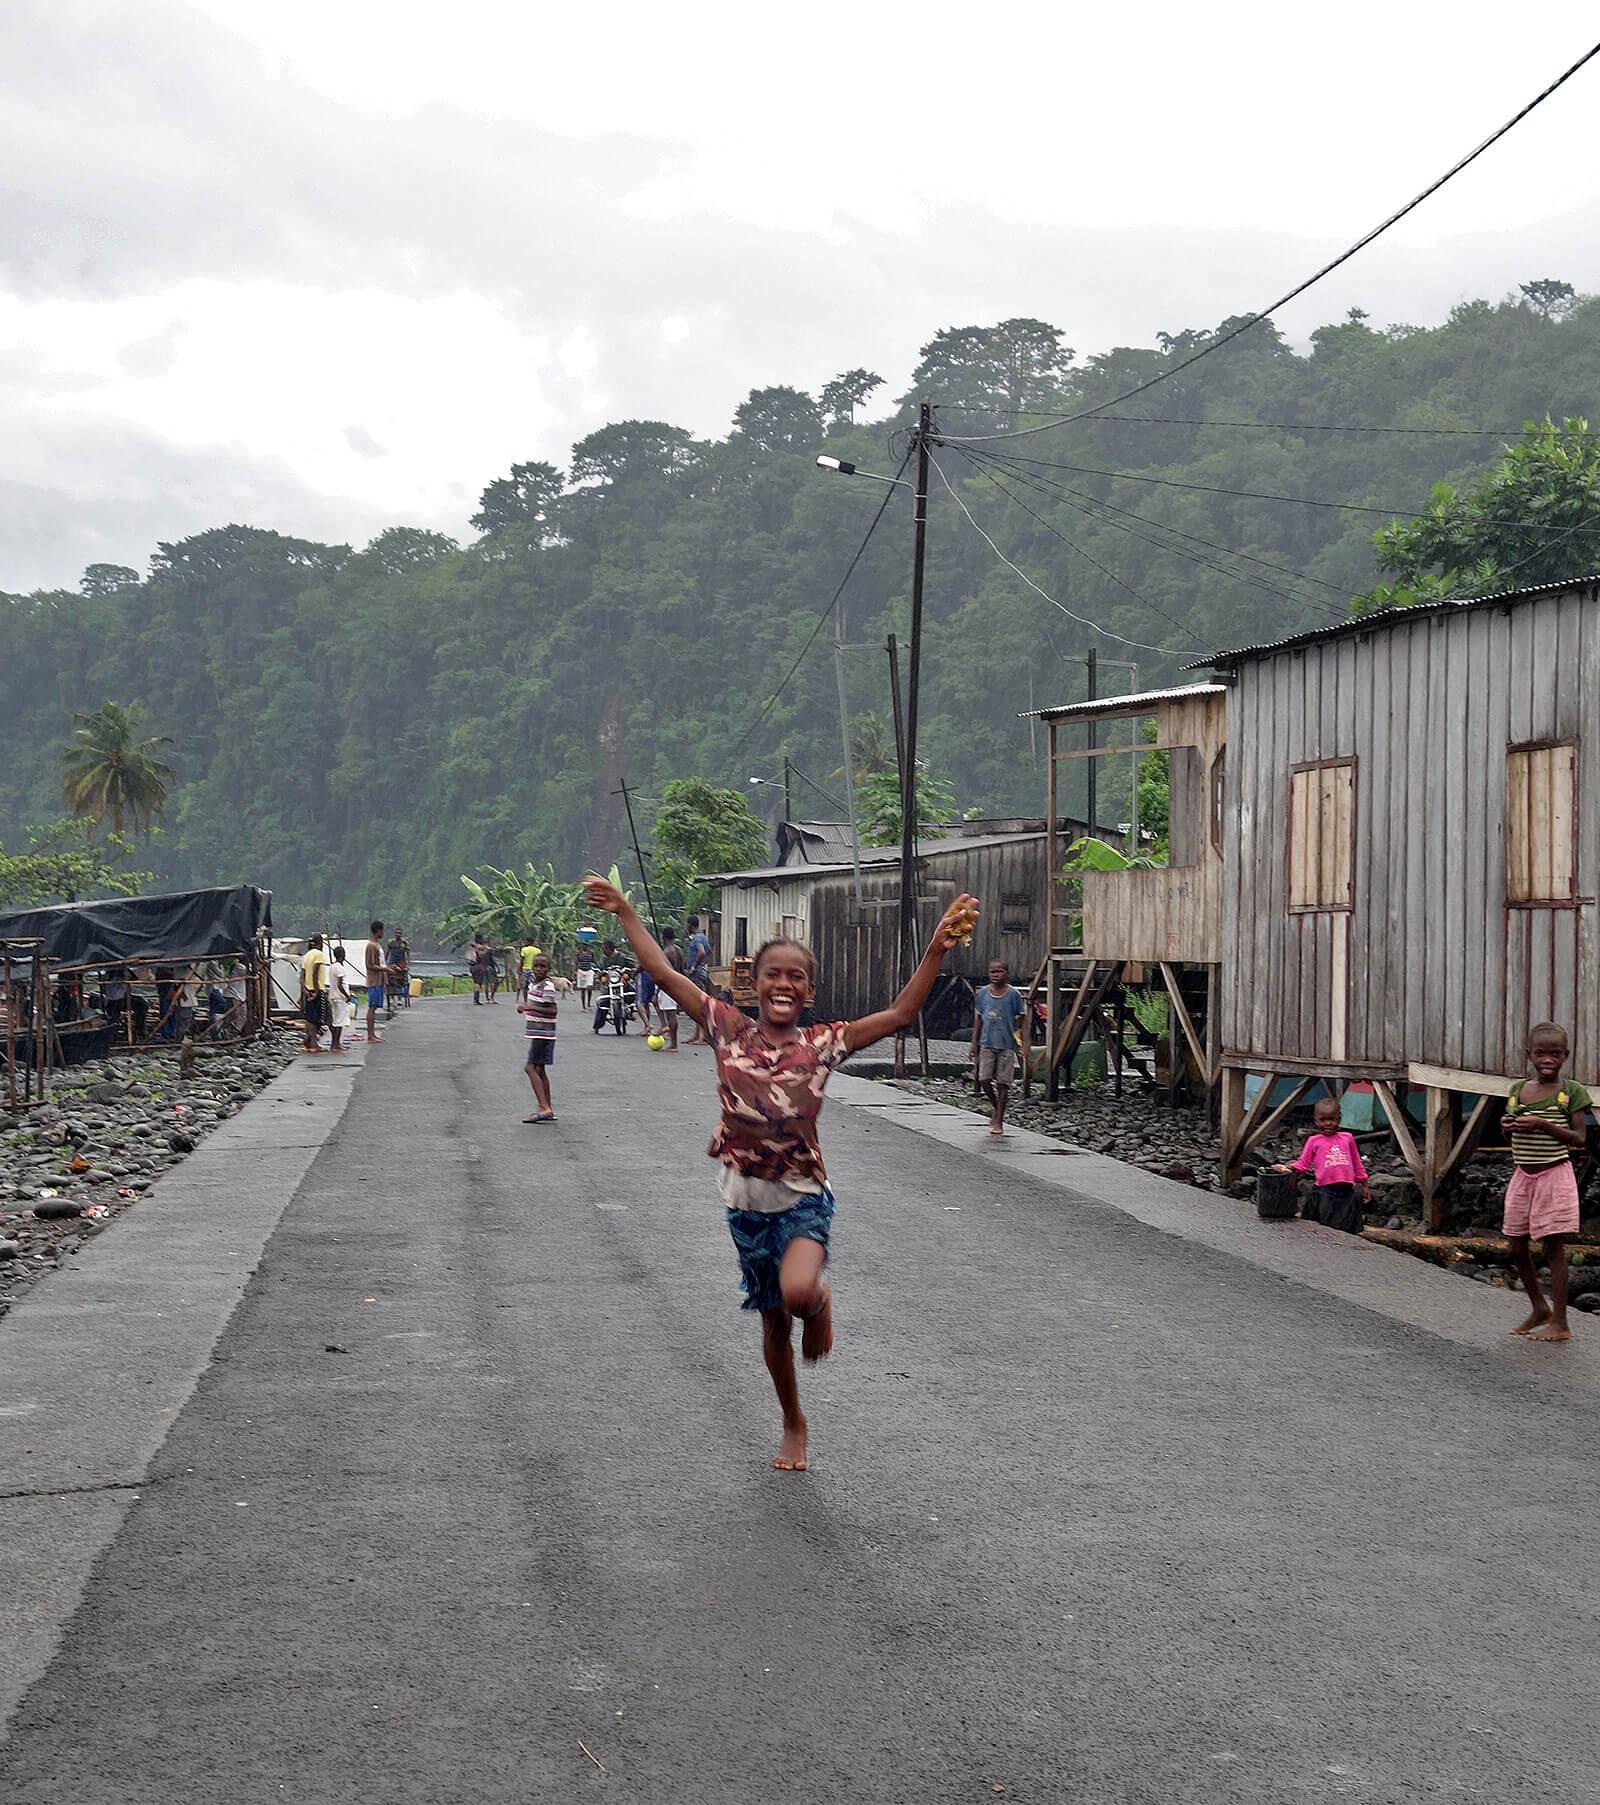 Criança africana a correr numa estrada, com casas de madeira laterais.